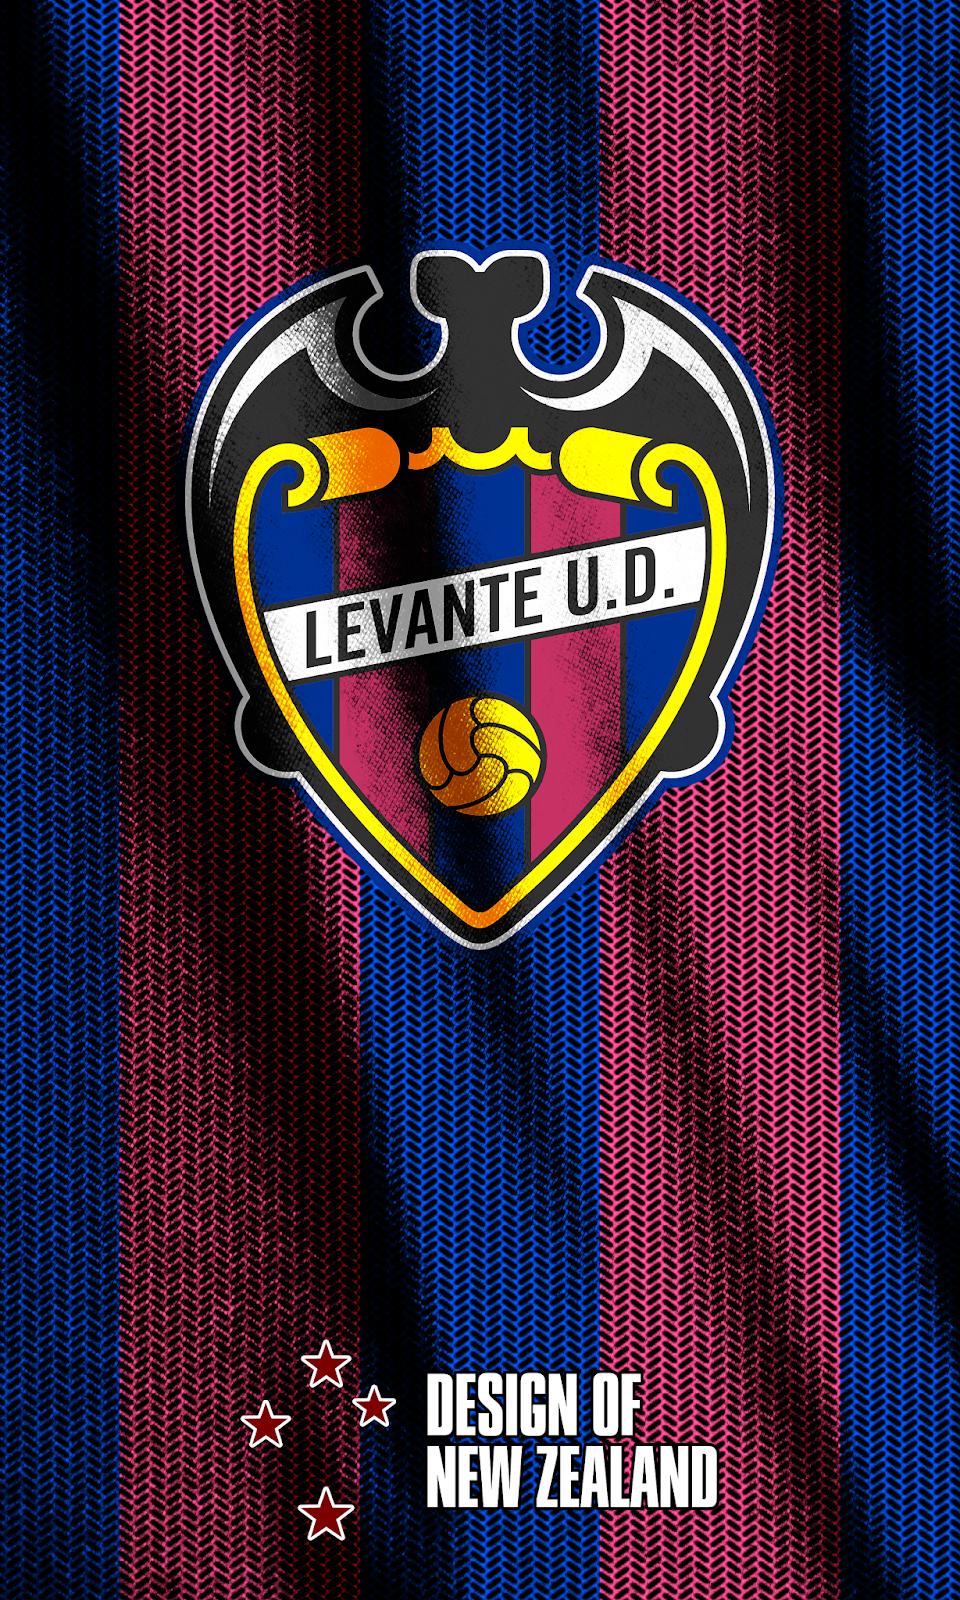 Wallpaper Levante Ud Football Logo Football Wallpaper Sport Team Logos